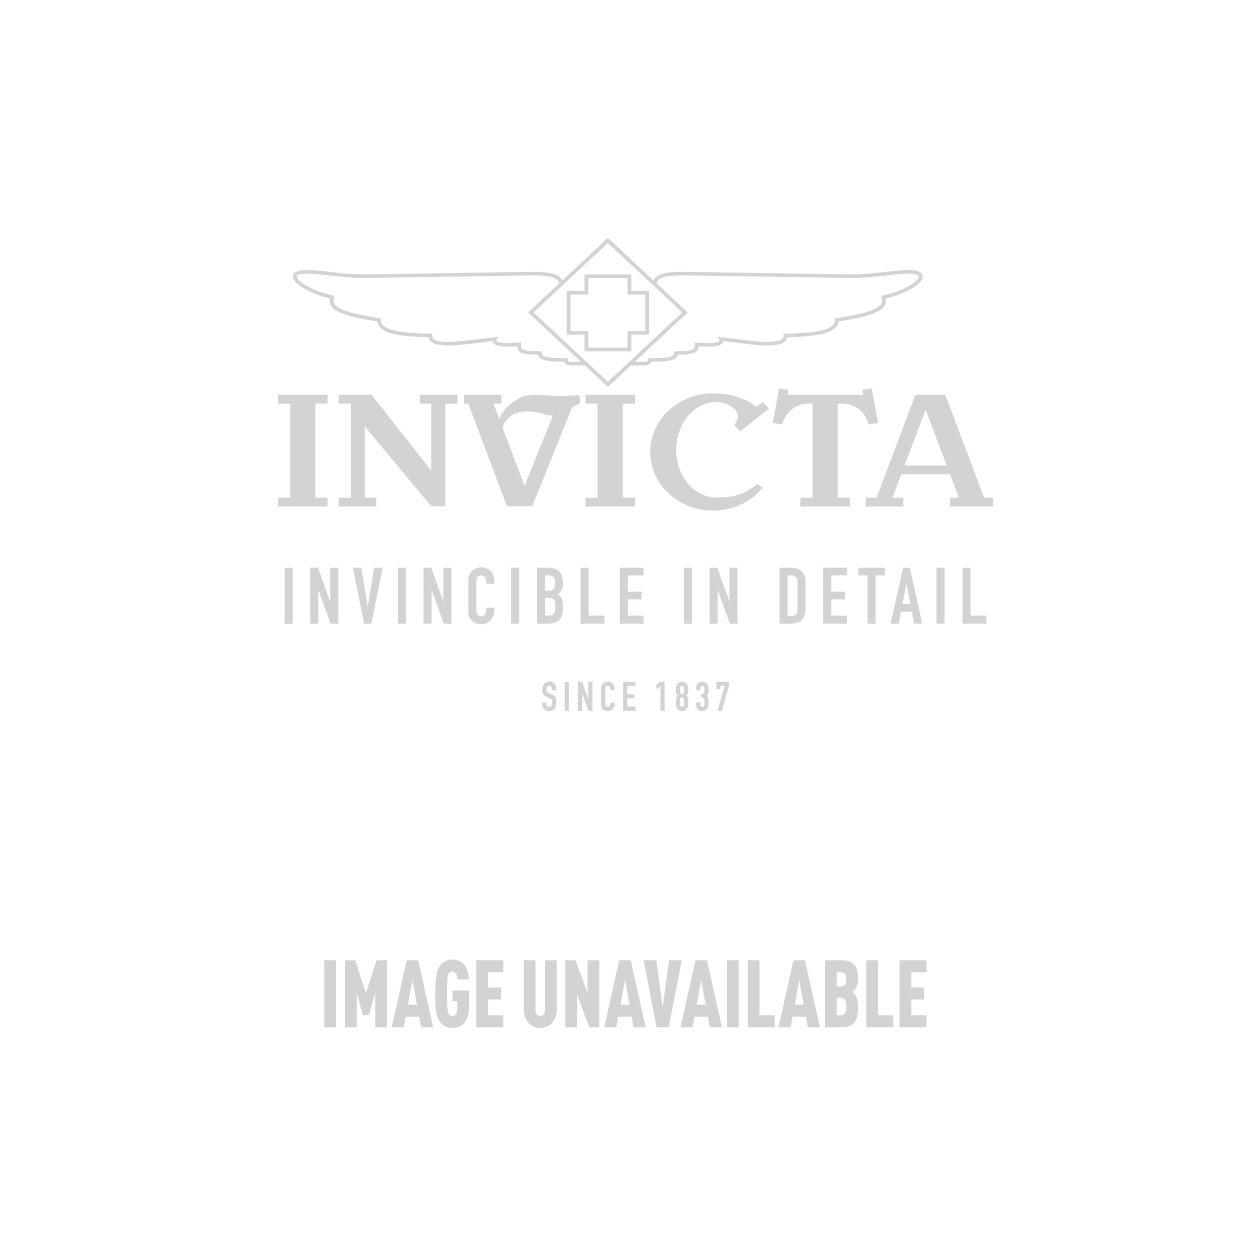 Invicta Model 21942